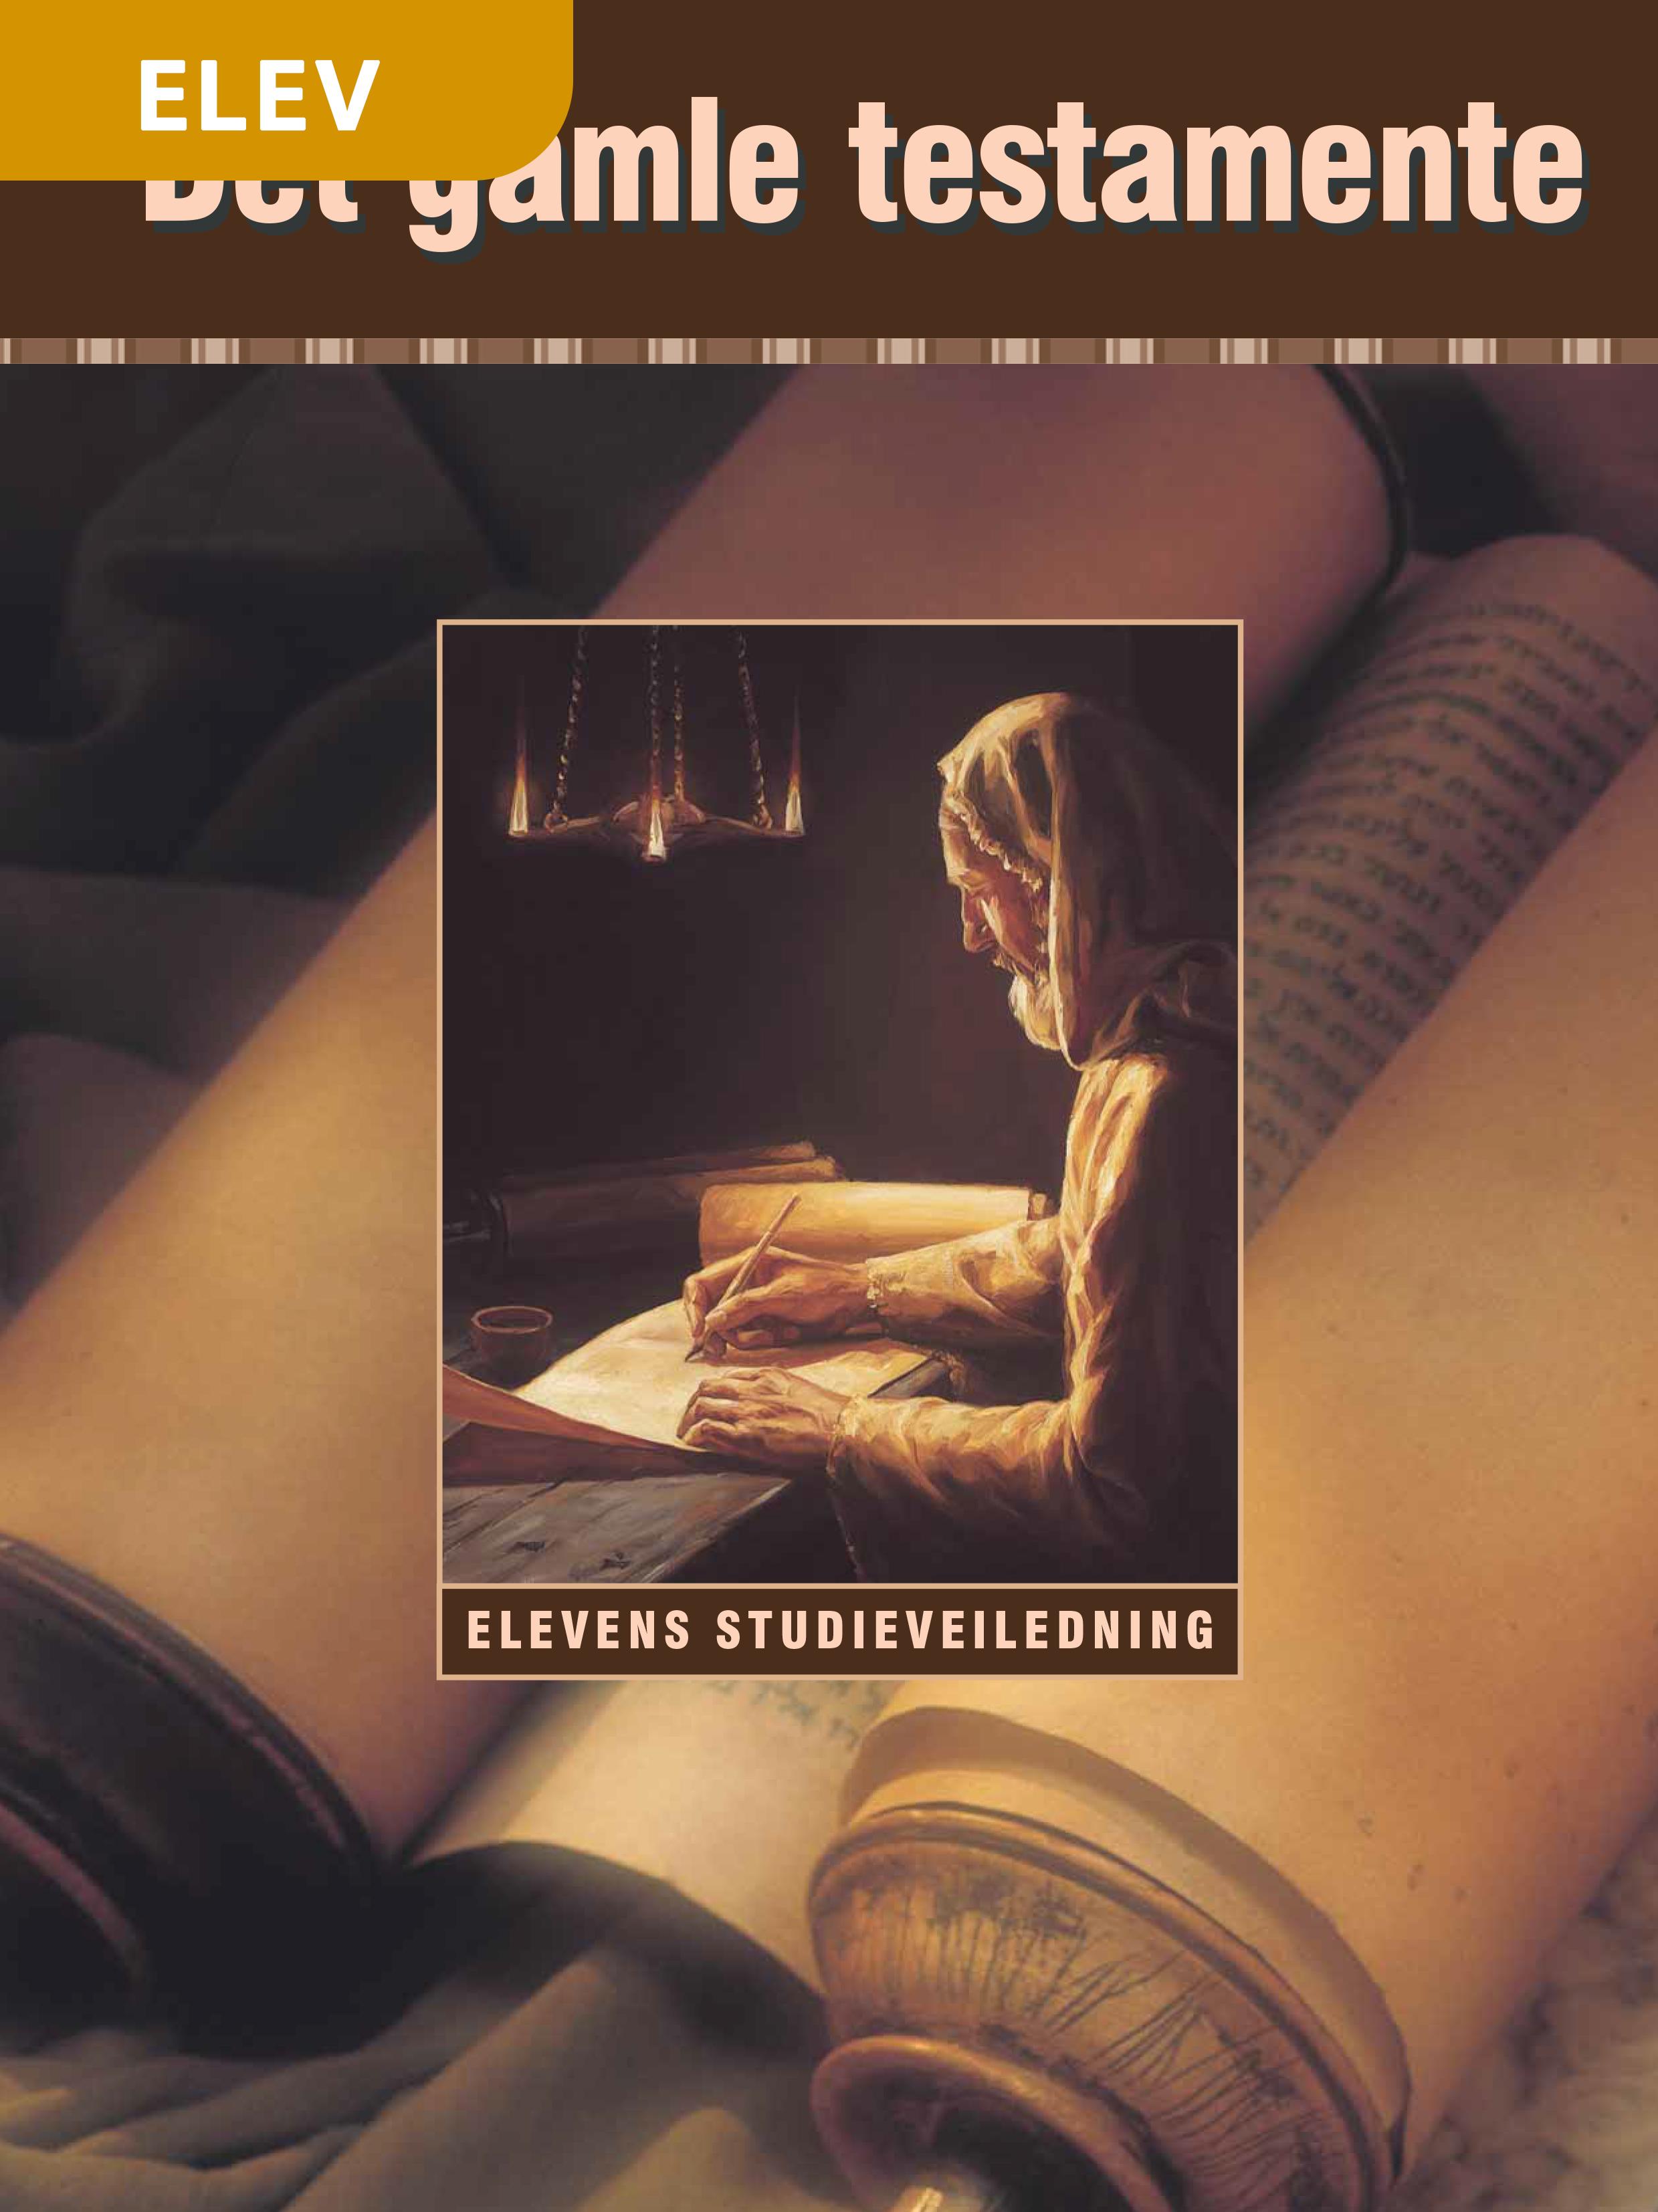 Det gamle testamente – Studieveiledning for Seminar-elever